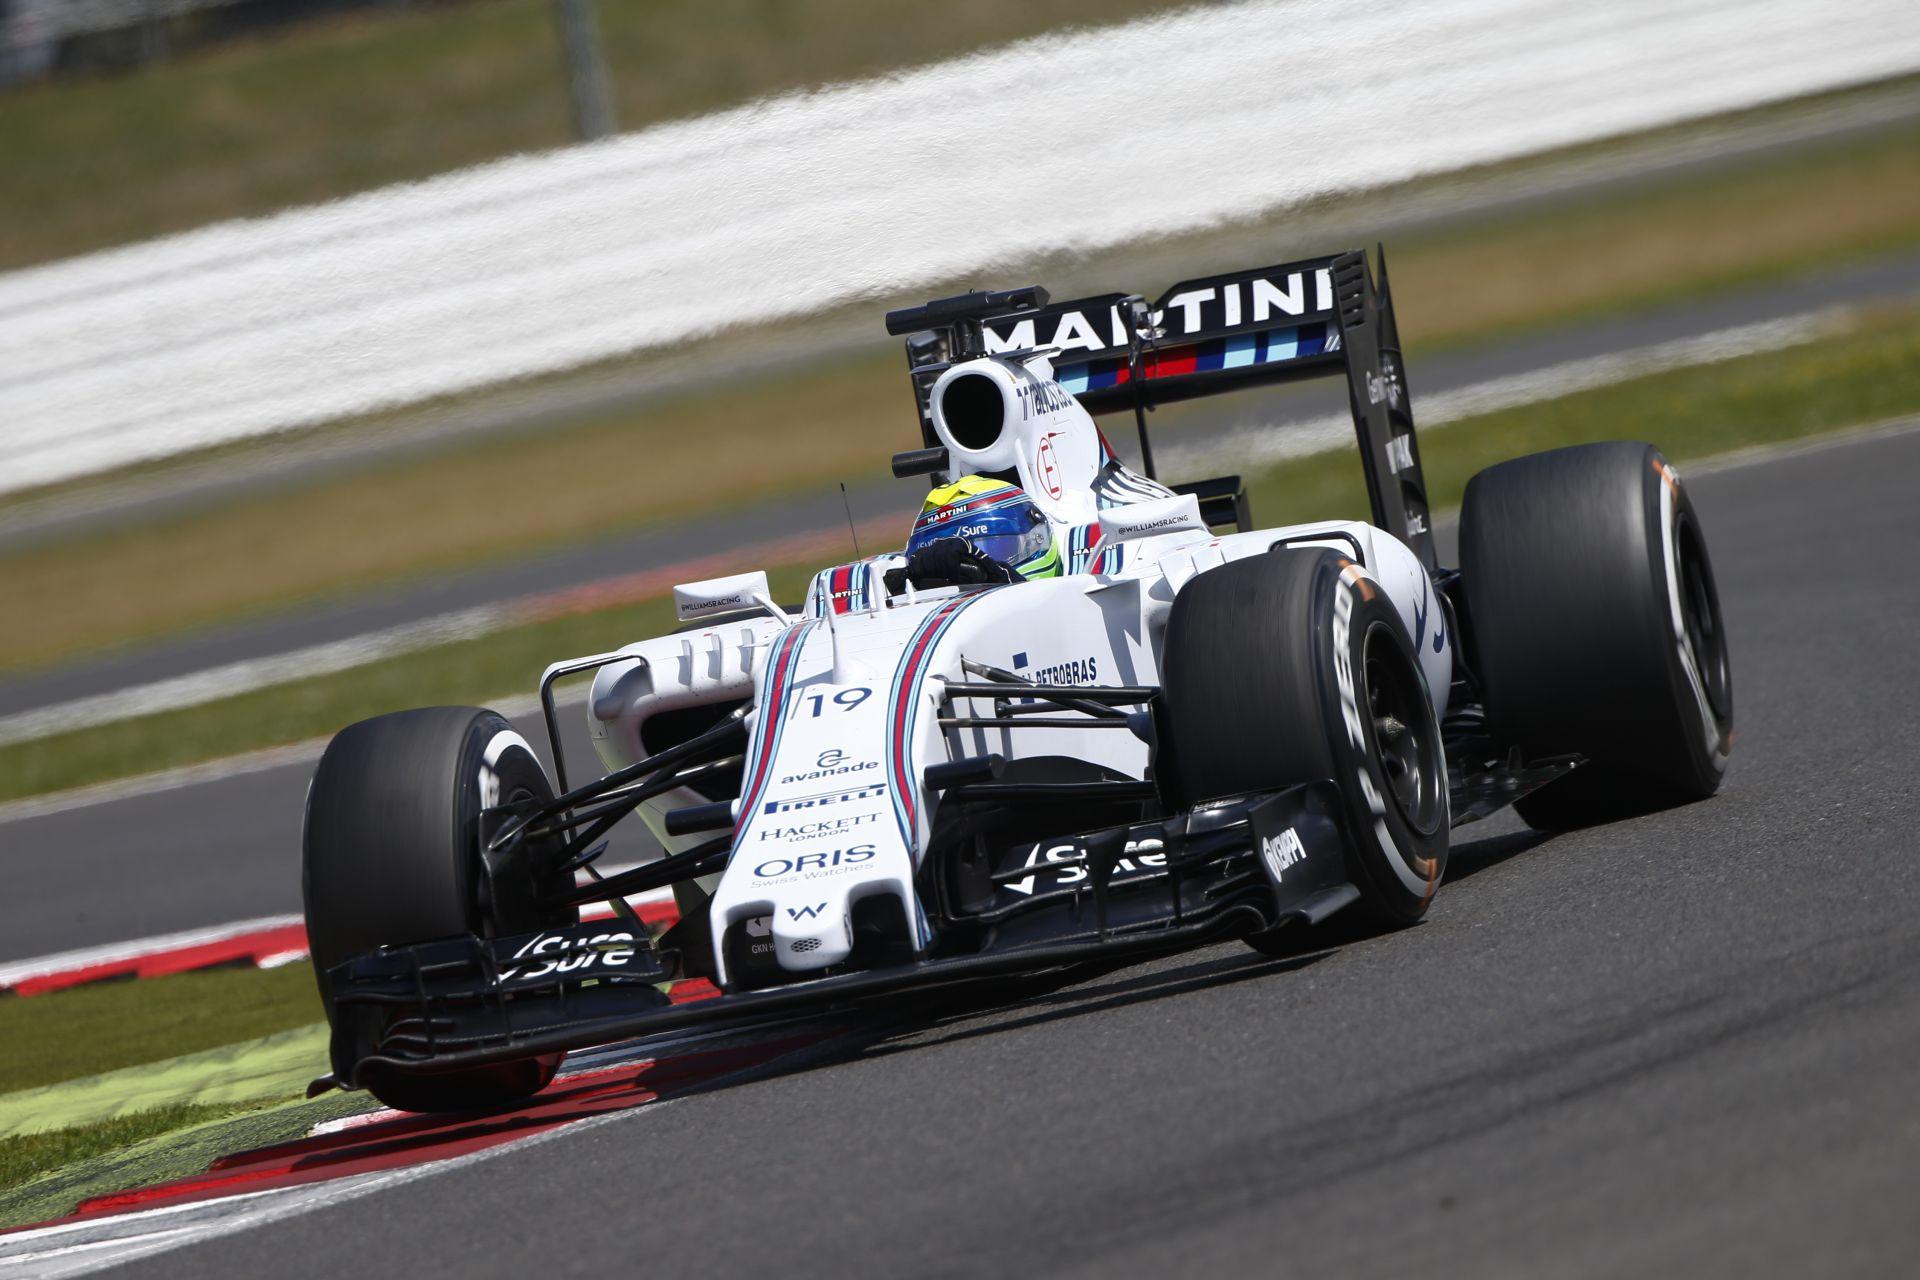 Újabb nagy FAIL a Williamstől: Massa élen tartása egy dobogójába került a csapatnak! Bottas gyorsabb volt